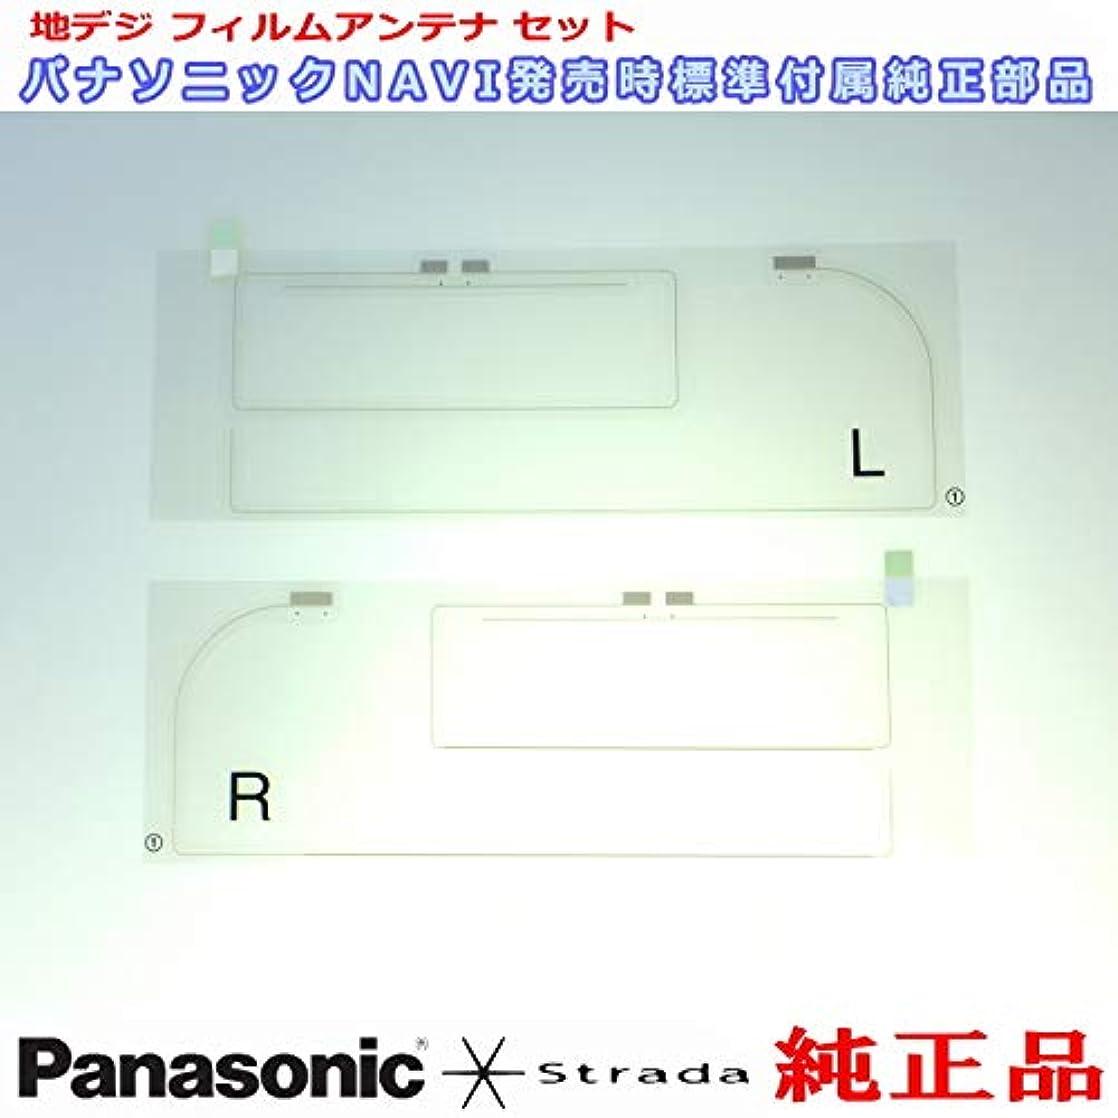 解決スリップシューズ合併症地デジアンテナ Panasonic Strada CN-HDS960TD 安心の 純正品 地デジ フィルム アンテナ & 3M 超強力 両面テープ Set (PD4T